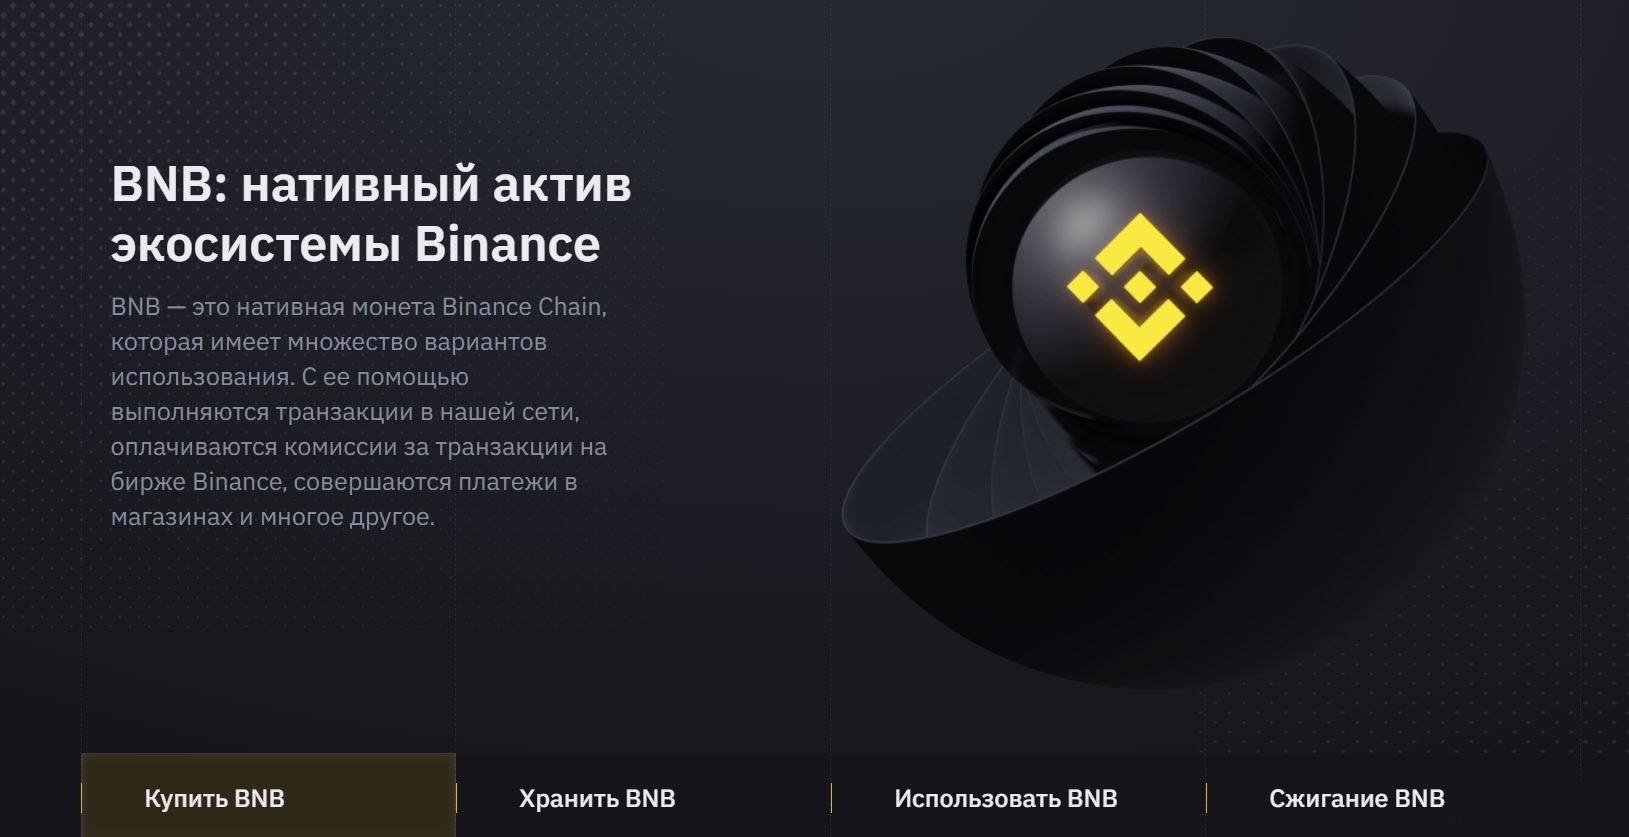 BNB - внутренний токен платформы Binance.